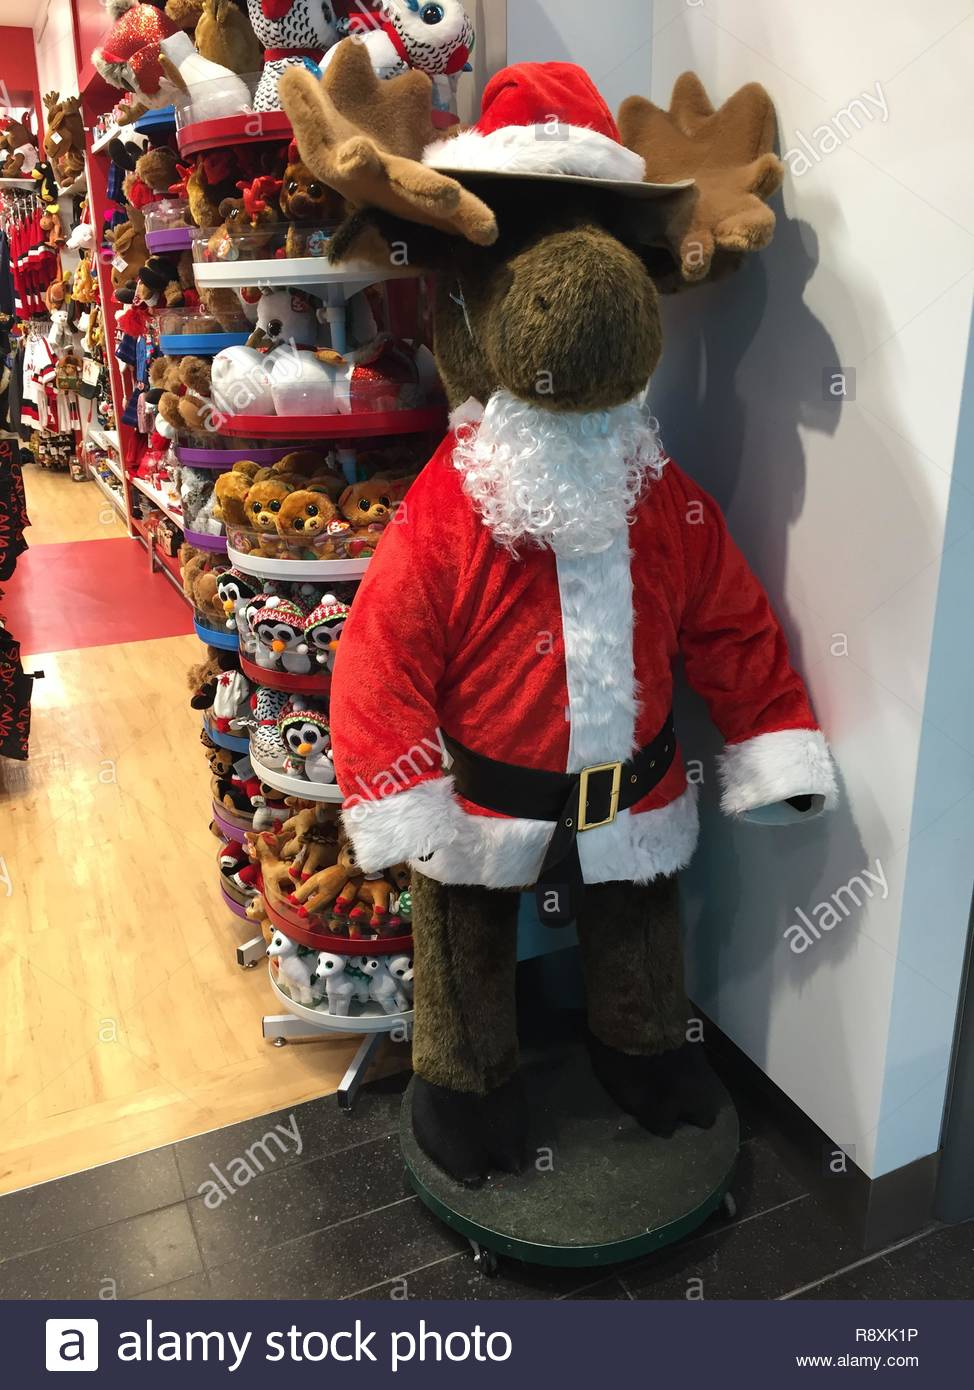 Un gran alce de peluche vestido como Santa Claus en una tienda de juguetes  en Toronto 90f76d8c796